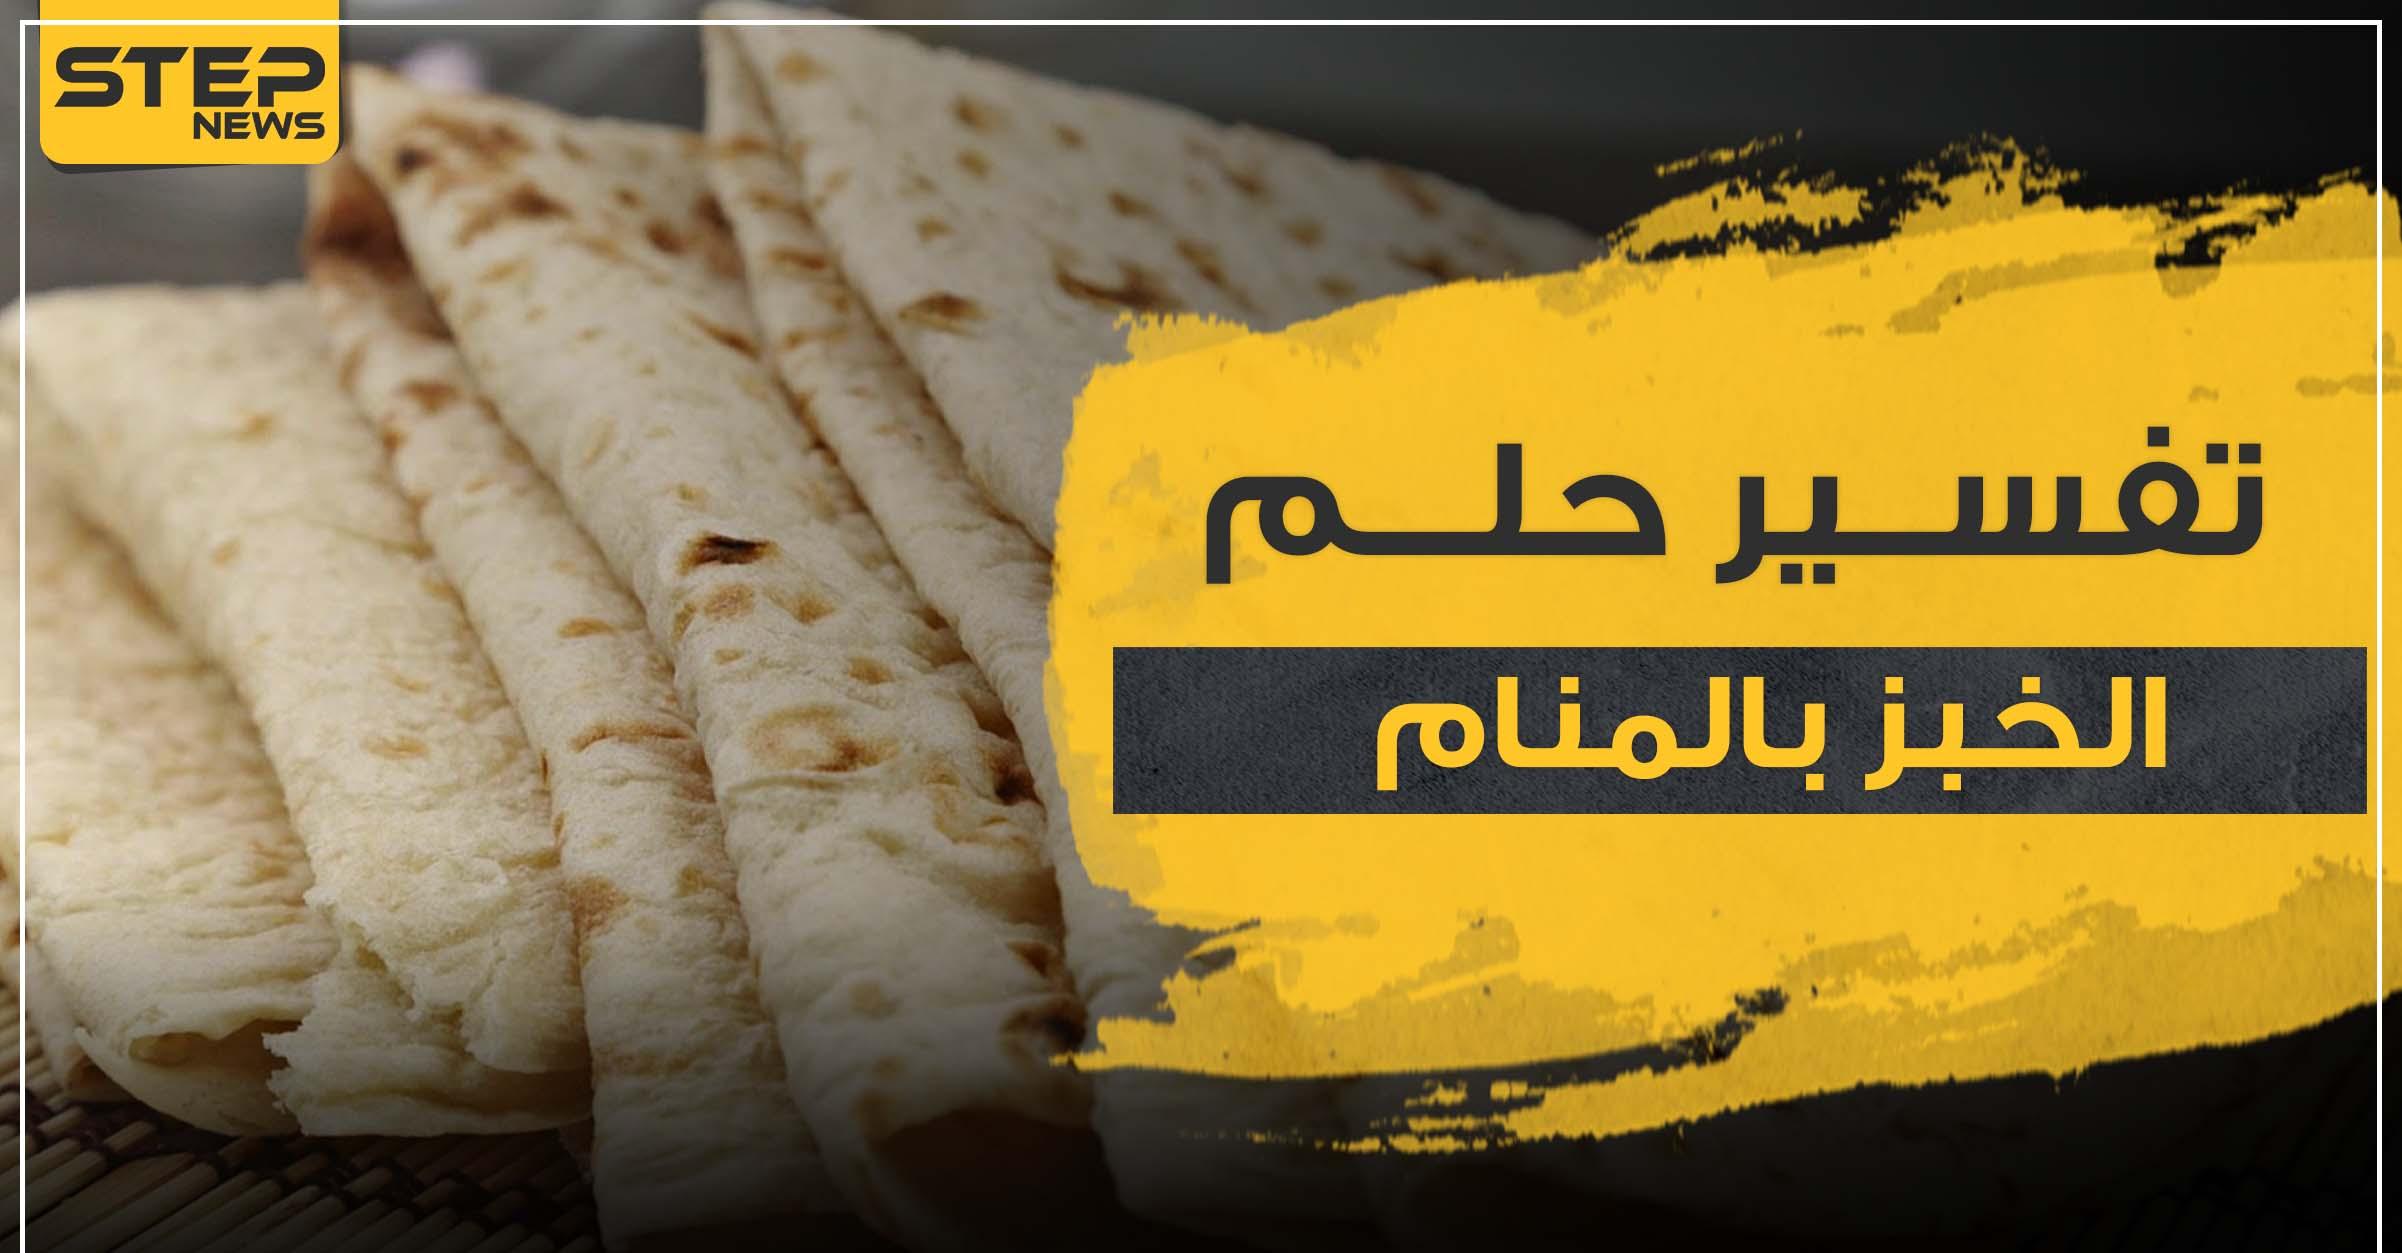 تفسير رؤيا الخبز بالمنام وكل ما يتصل به وكالة ستيب الإخبارية